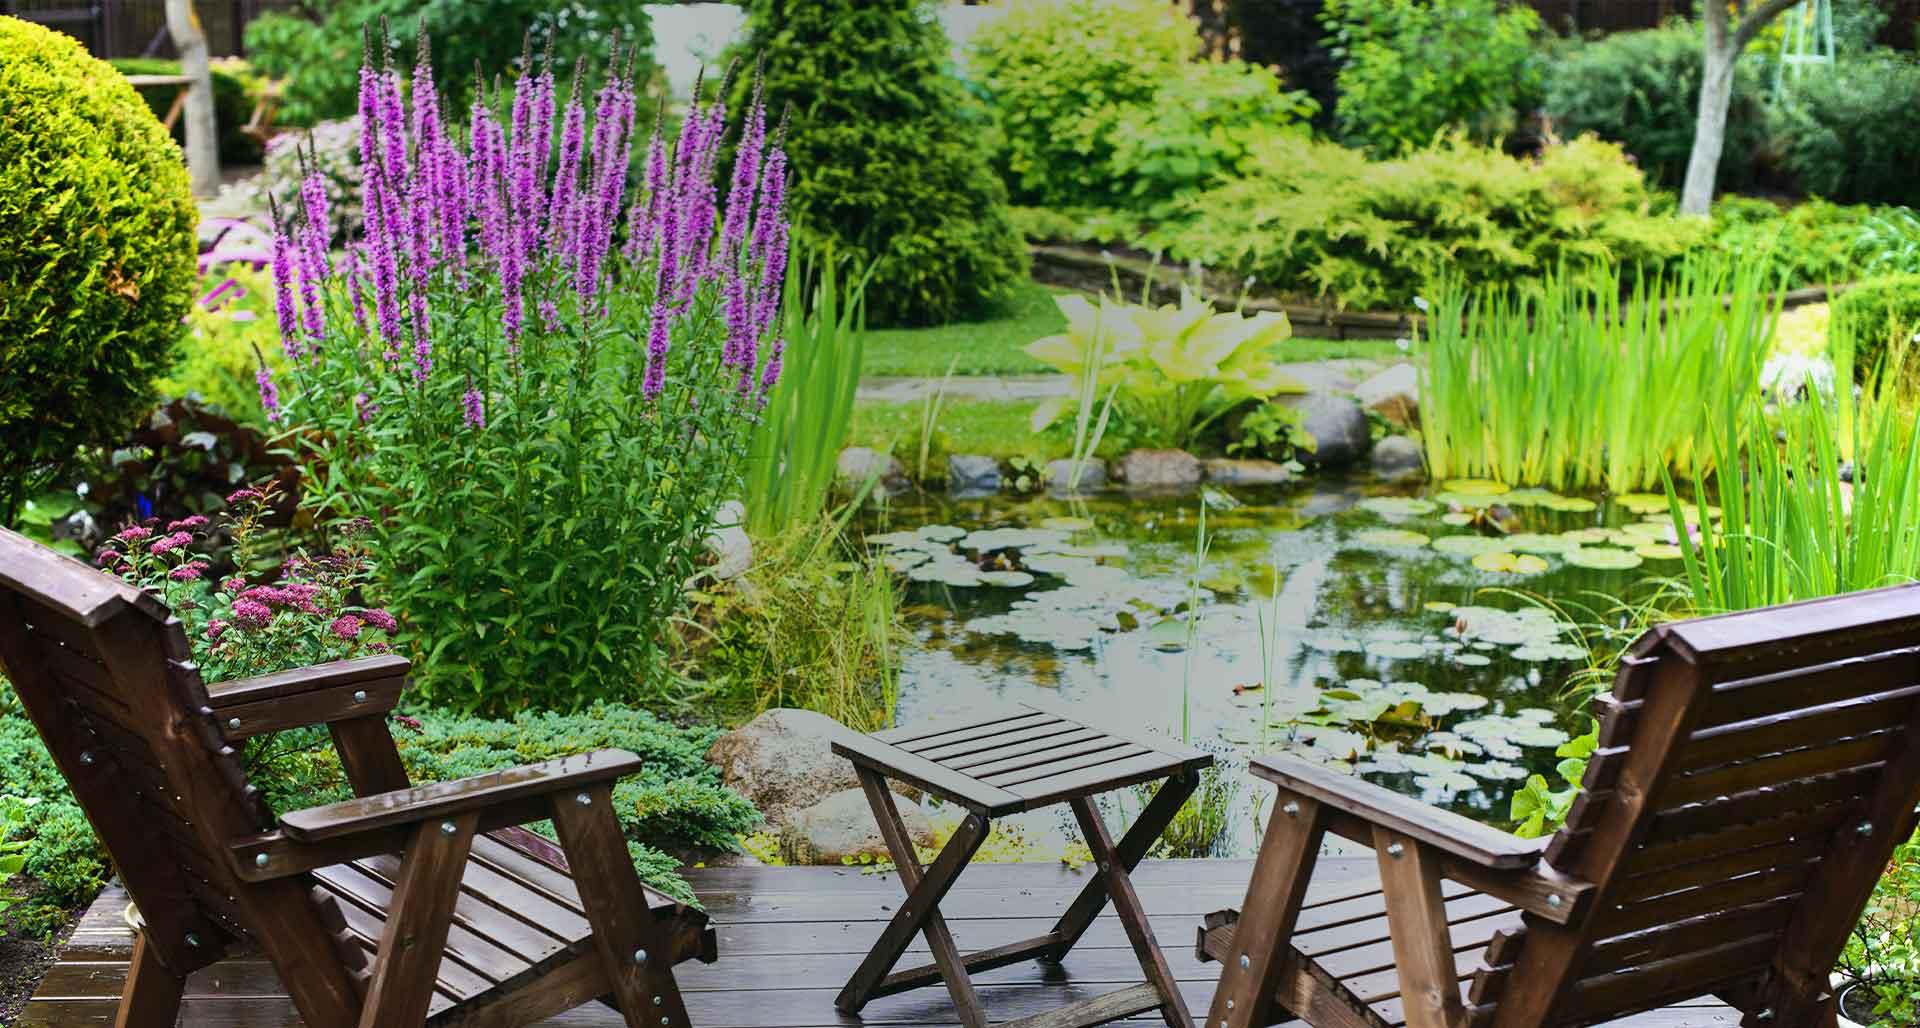 Jardineries Truffaut : Spécialiste Jardin, Animaux, Maison ... avec Truffaut Salon De Jardin